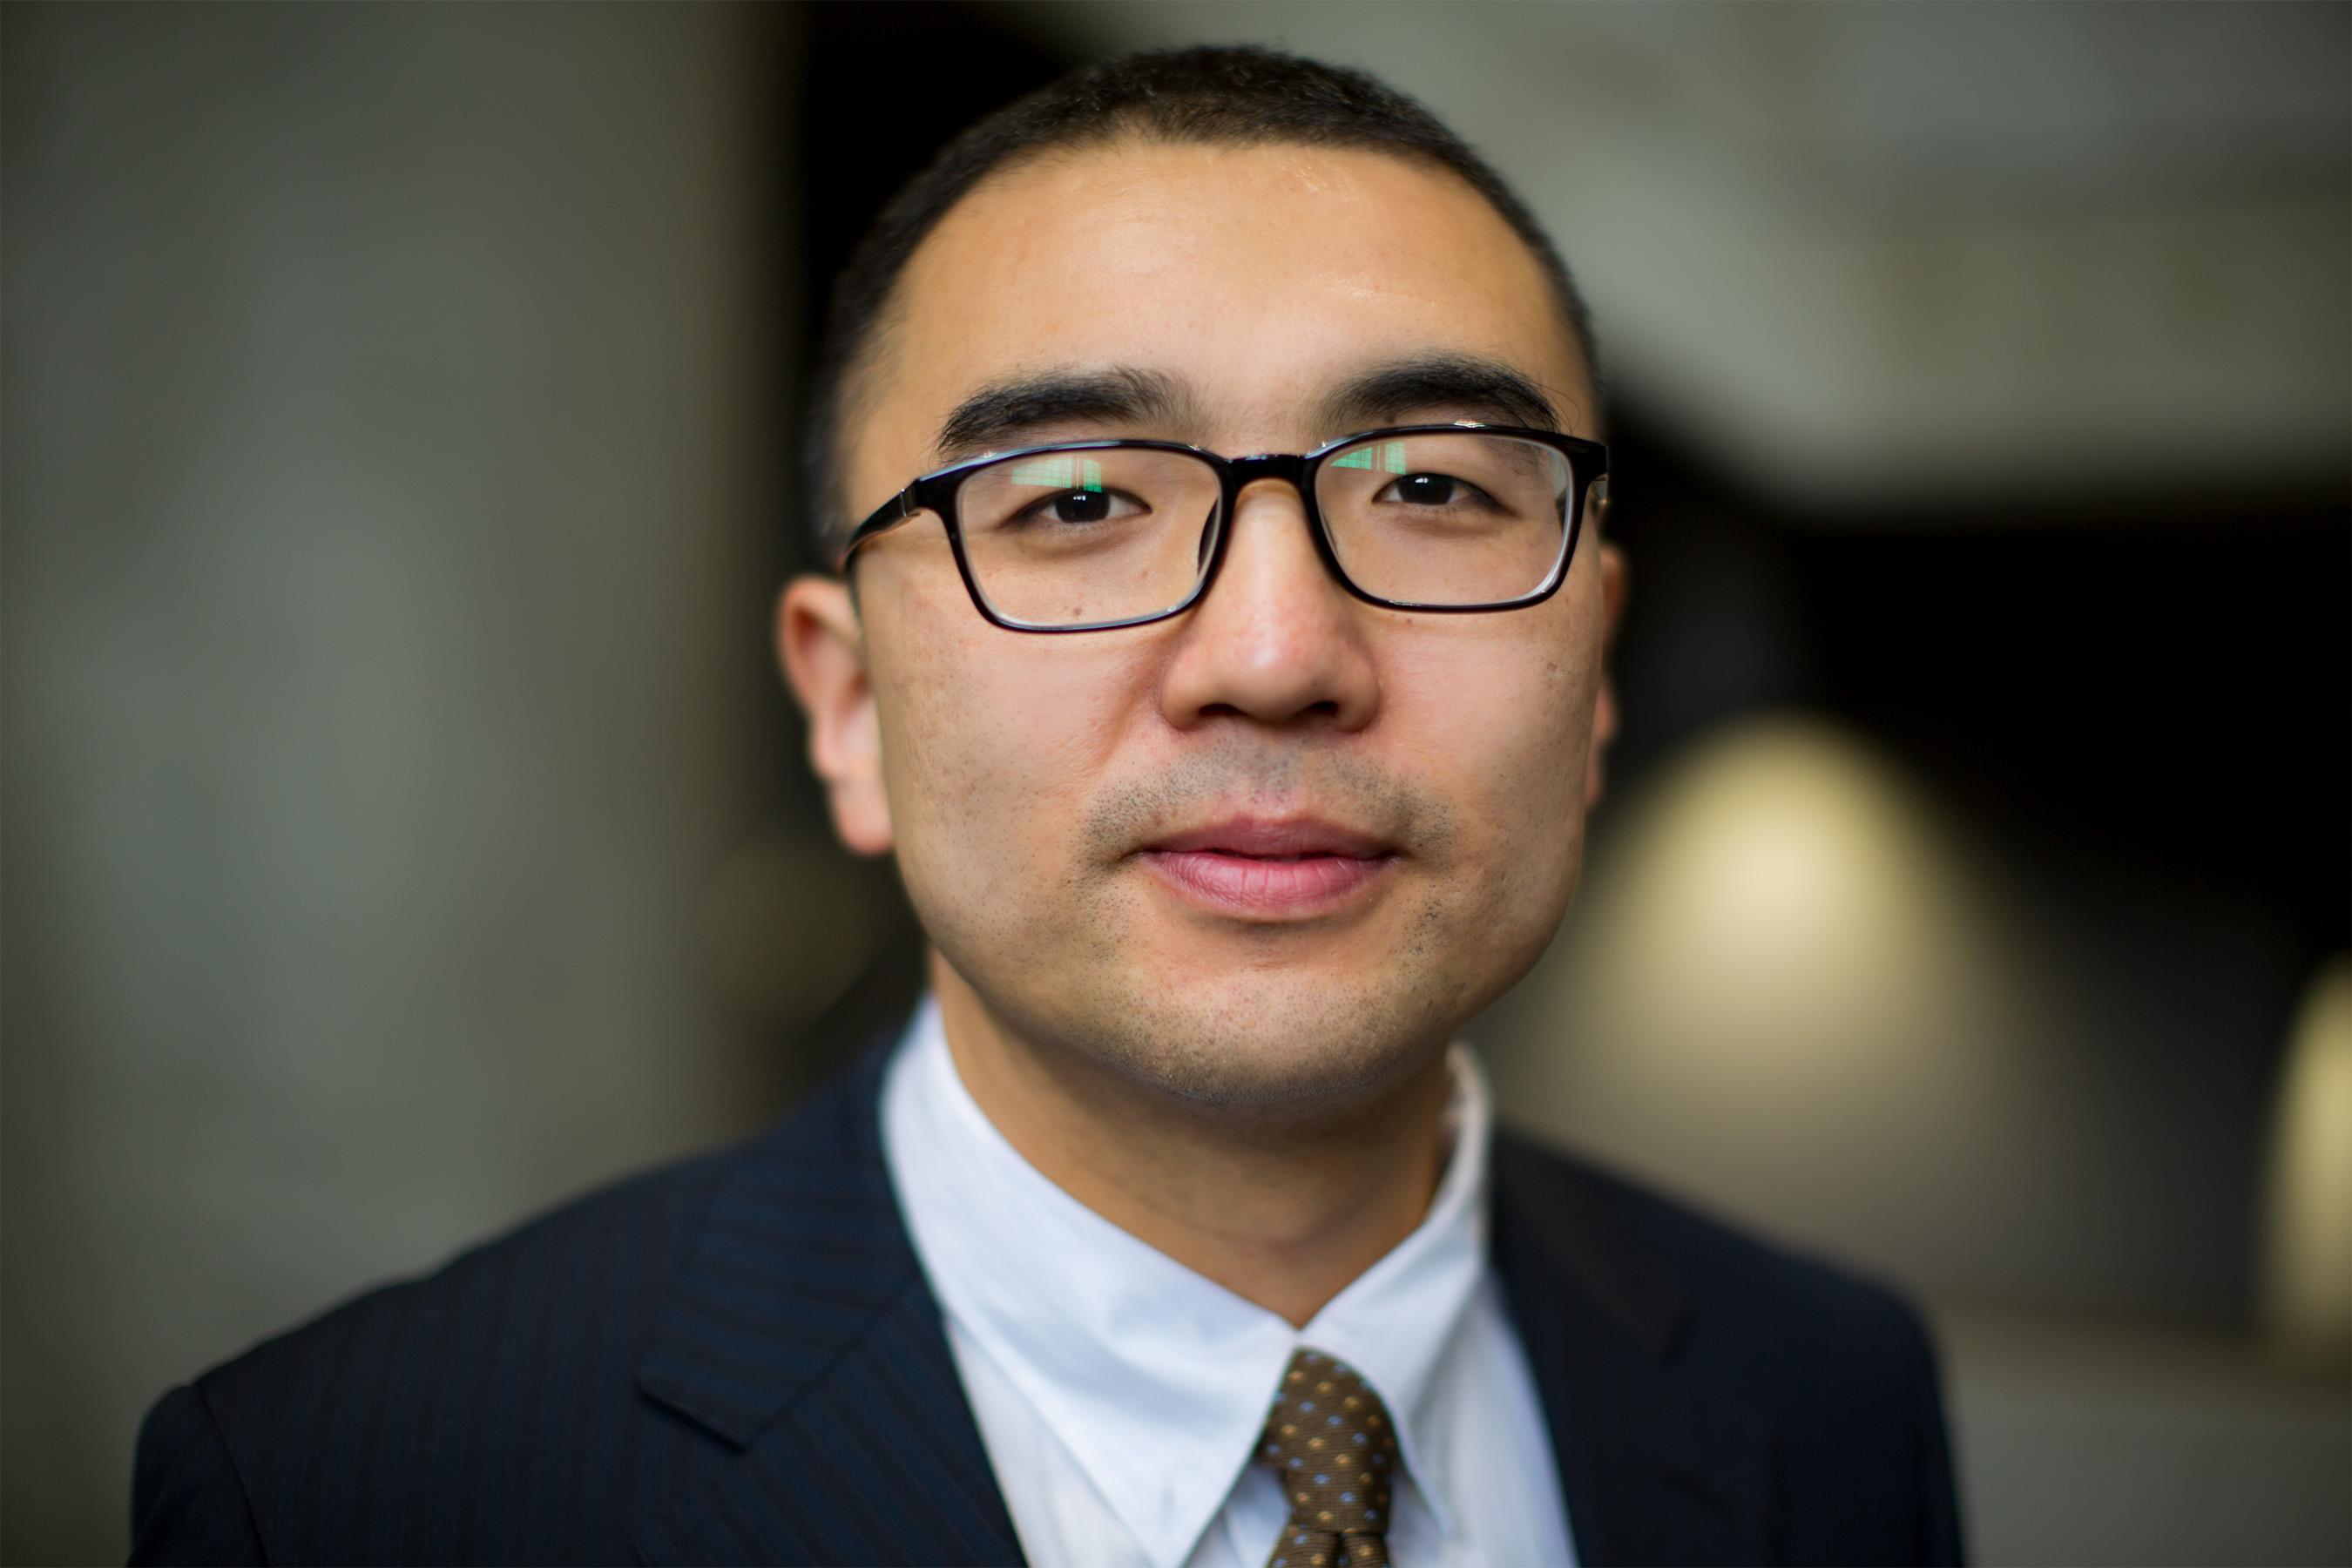 Dr. Wu headshot